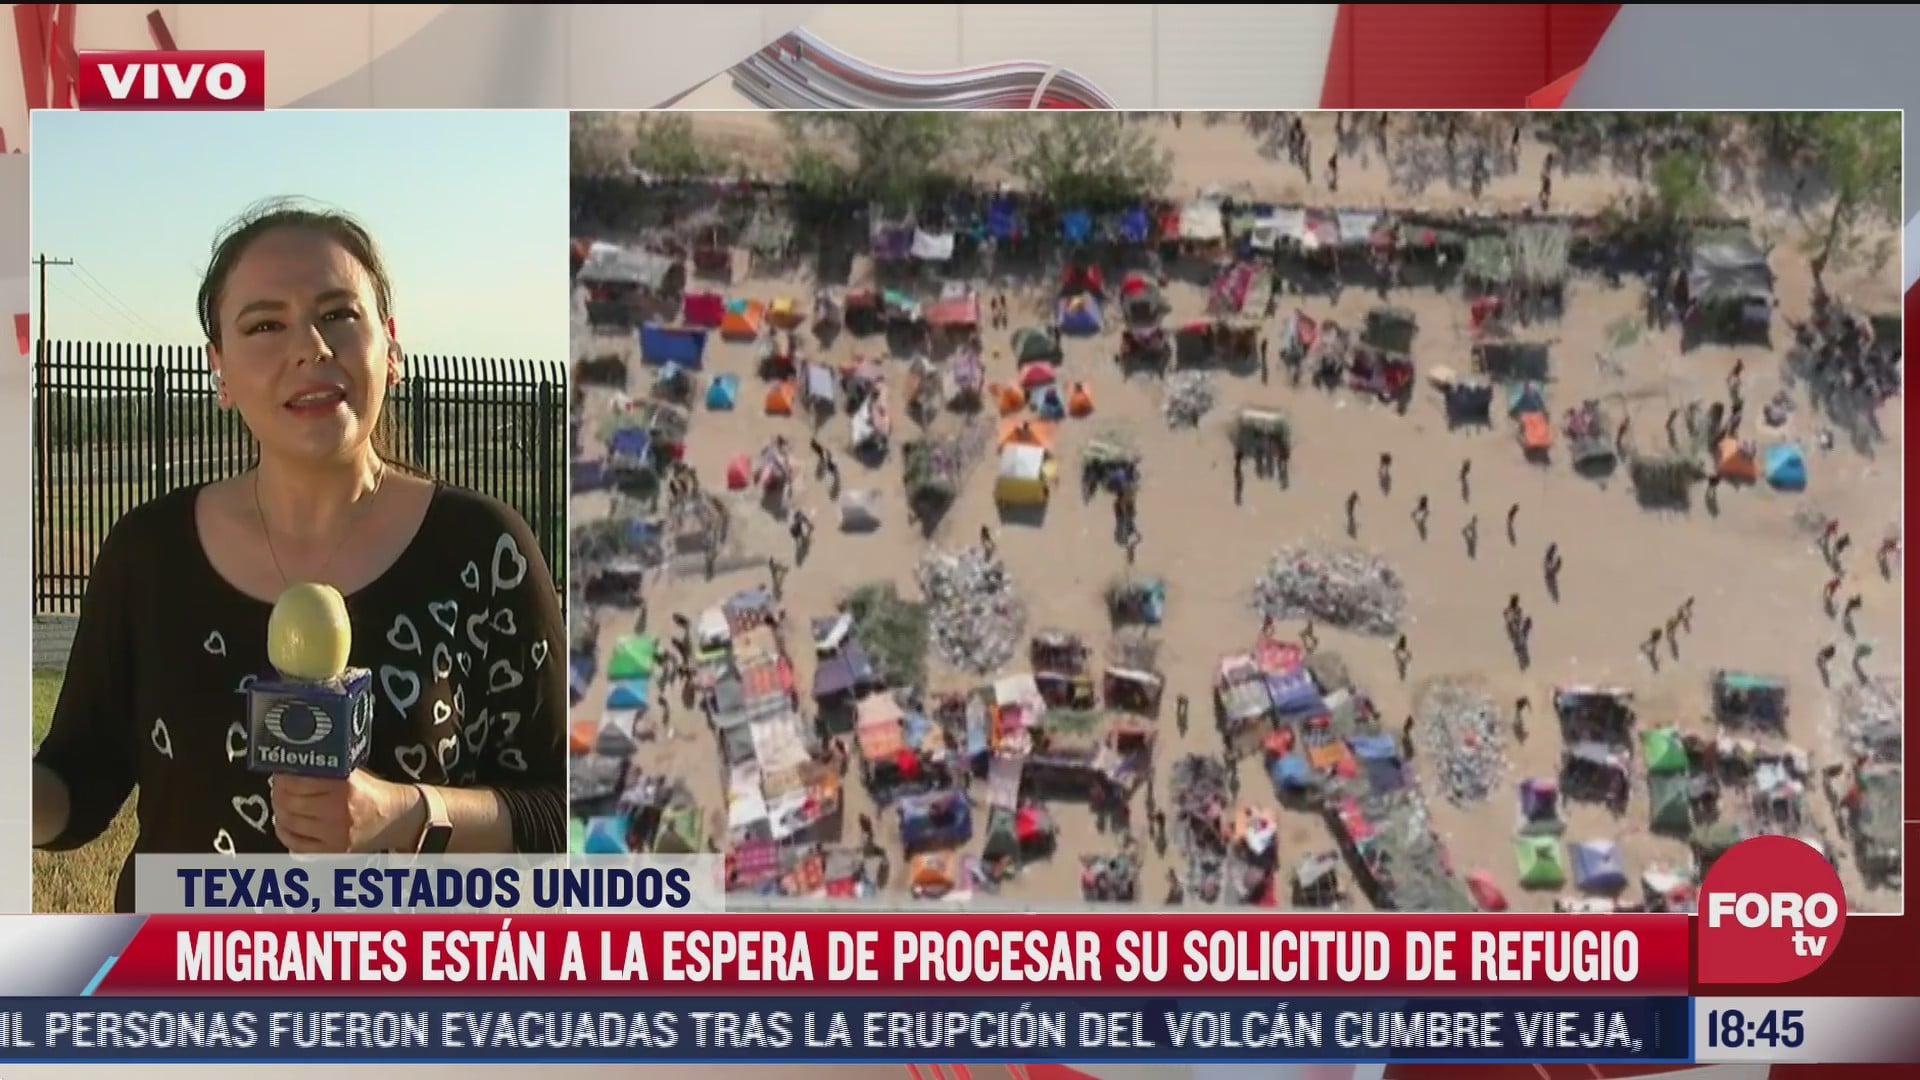 migrantes en texas estan a la espera de procesar su solicitud de refugio